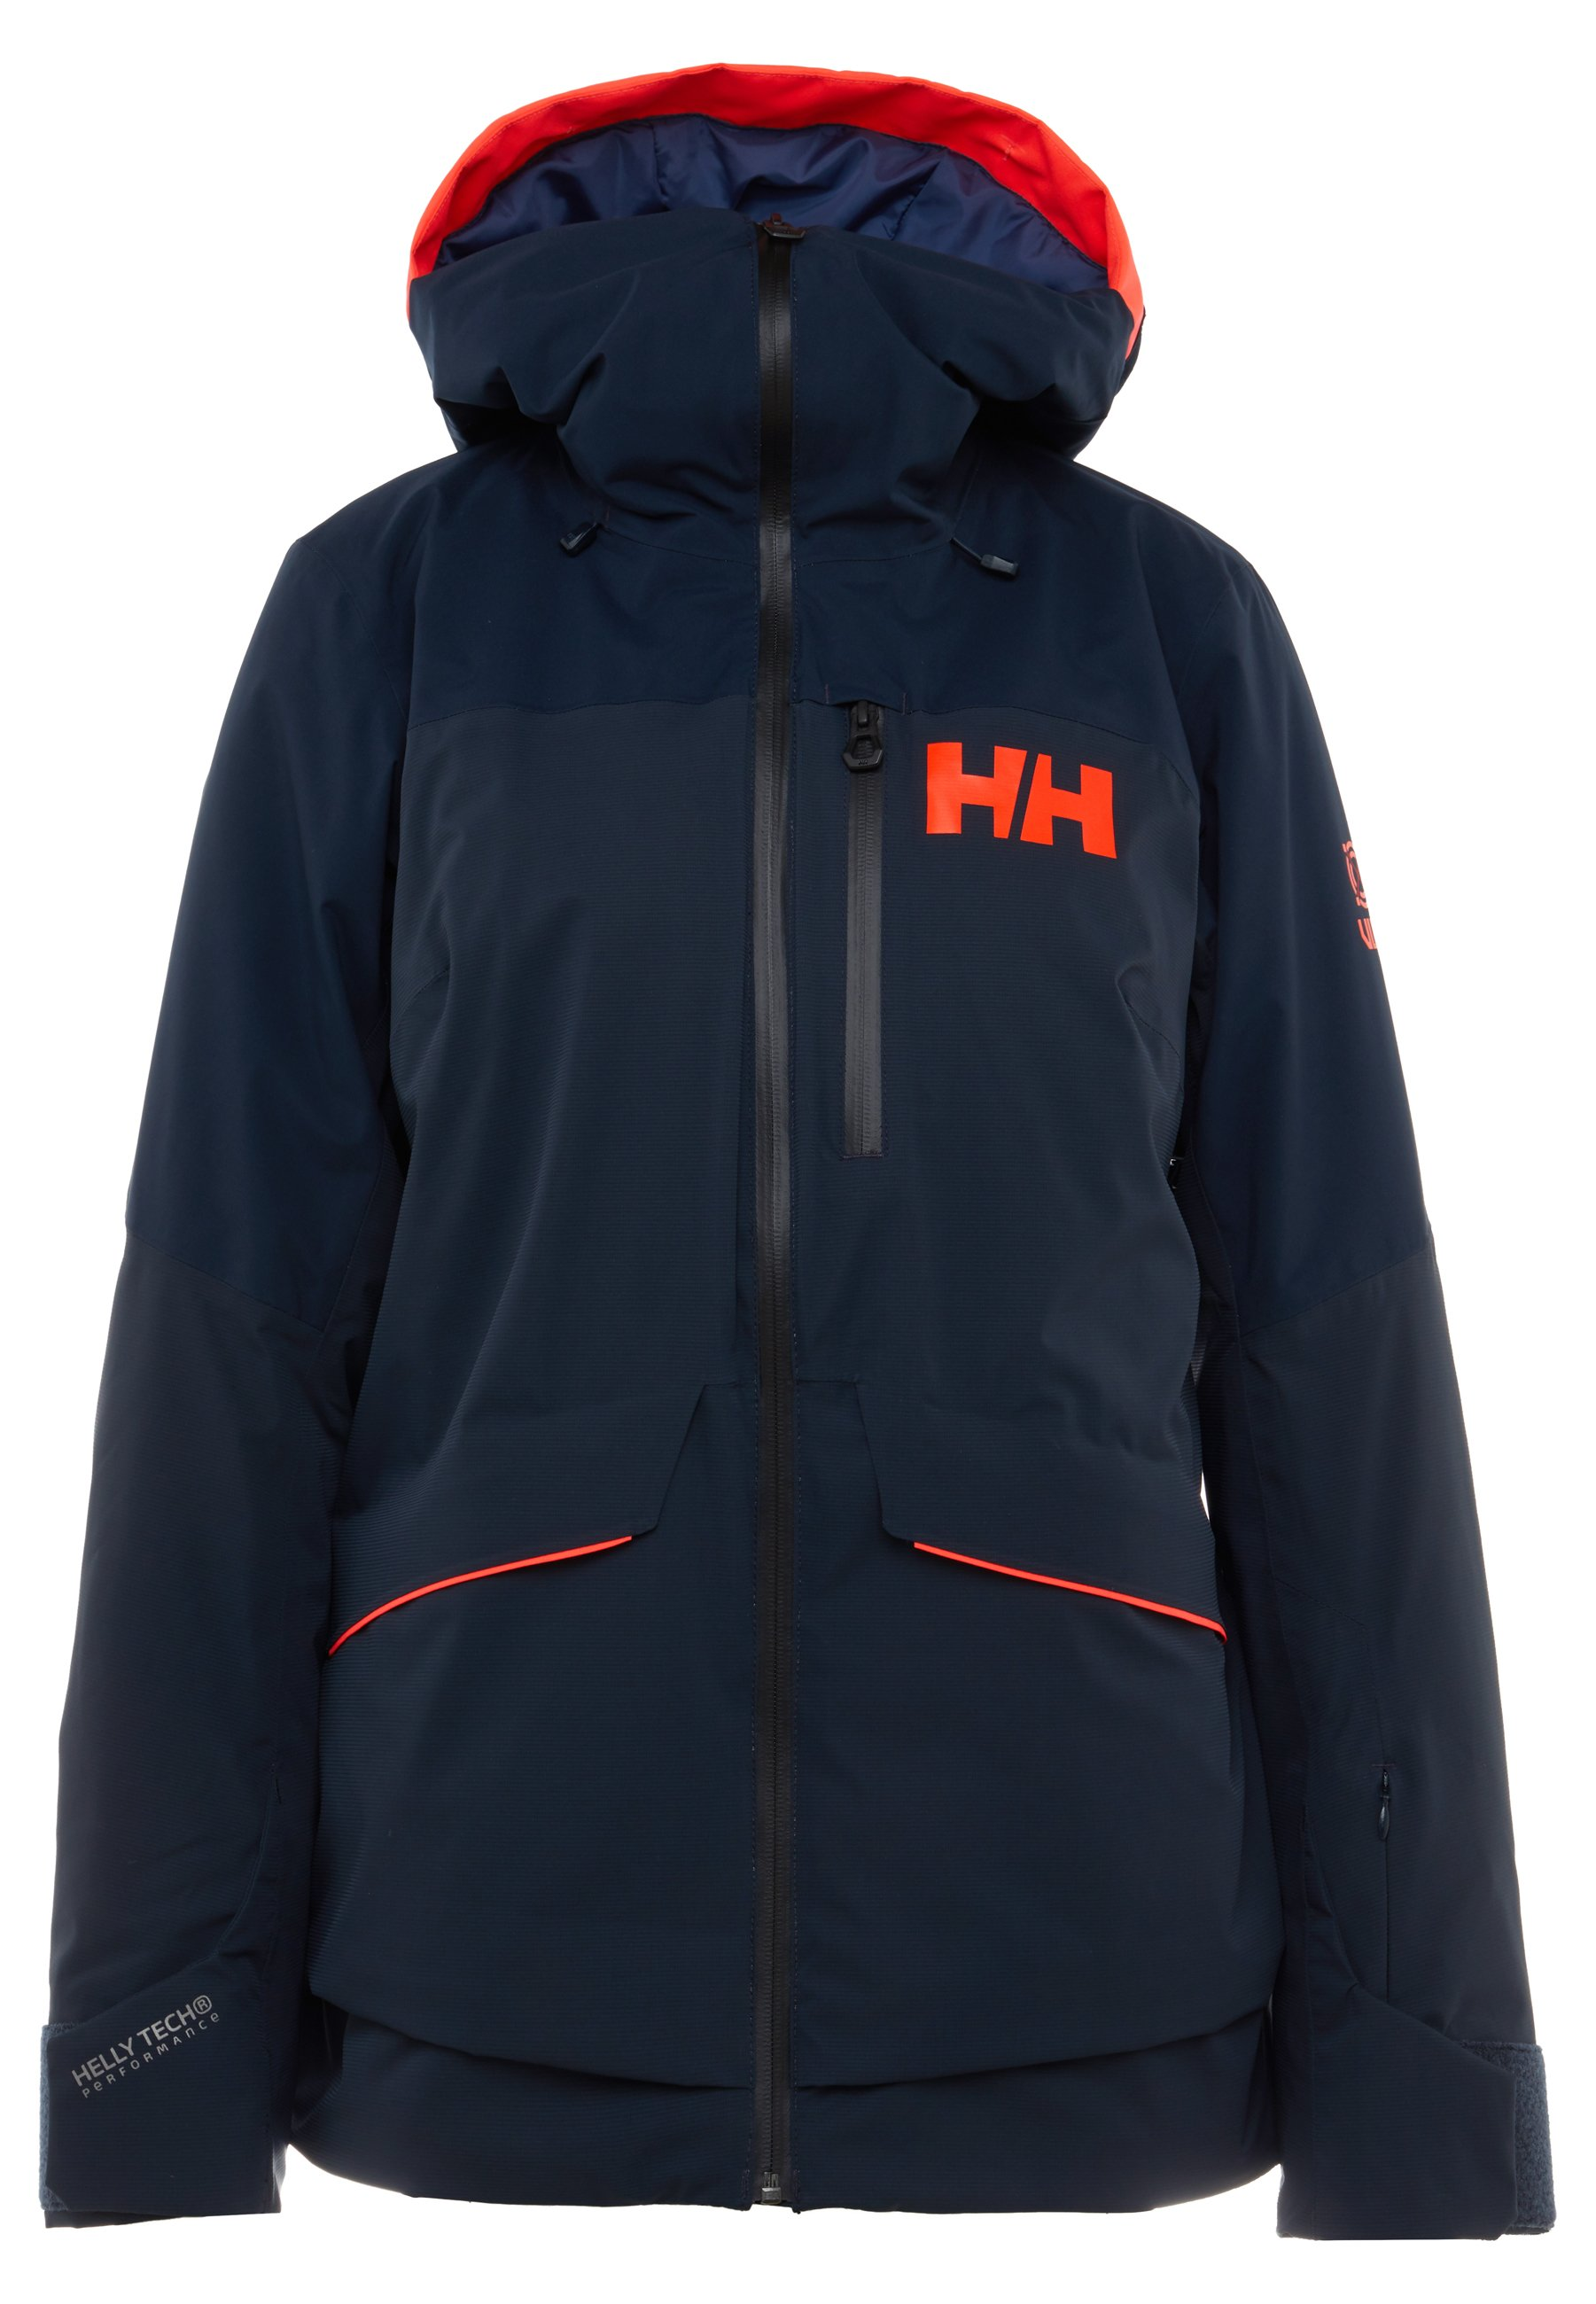 Helly Hansen Jackor: Köp upp till −50% | Stylight